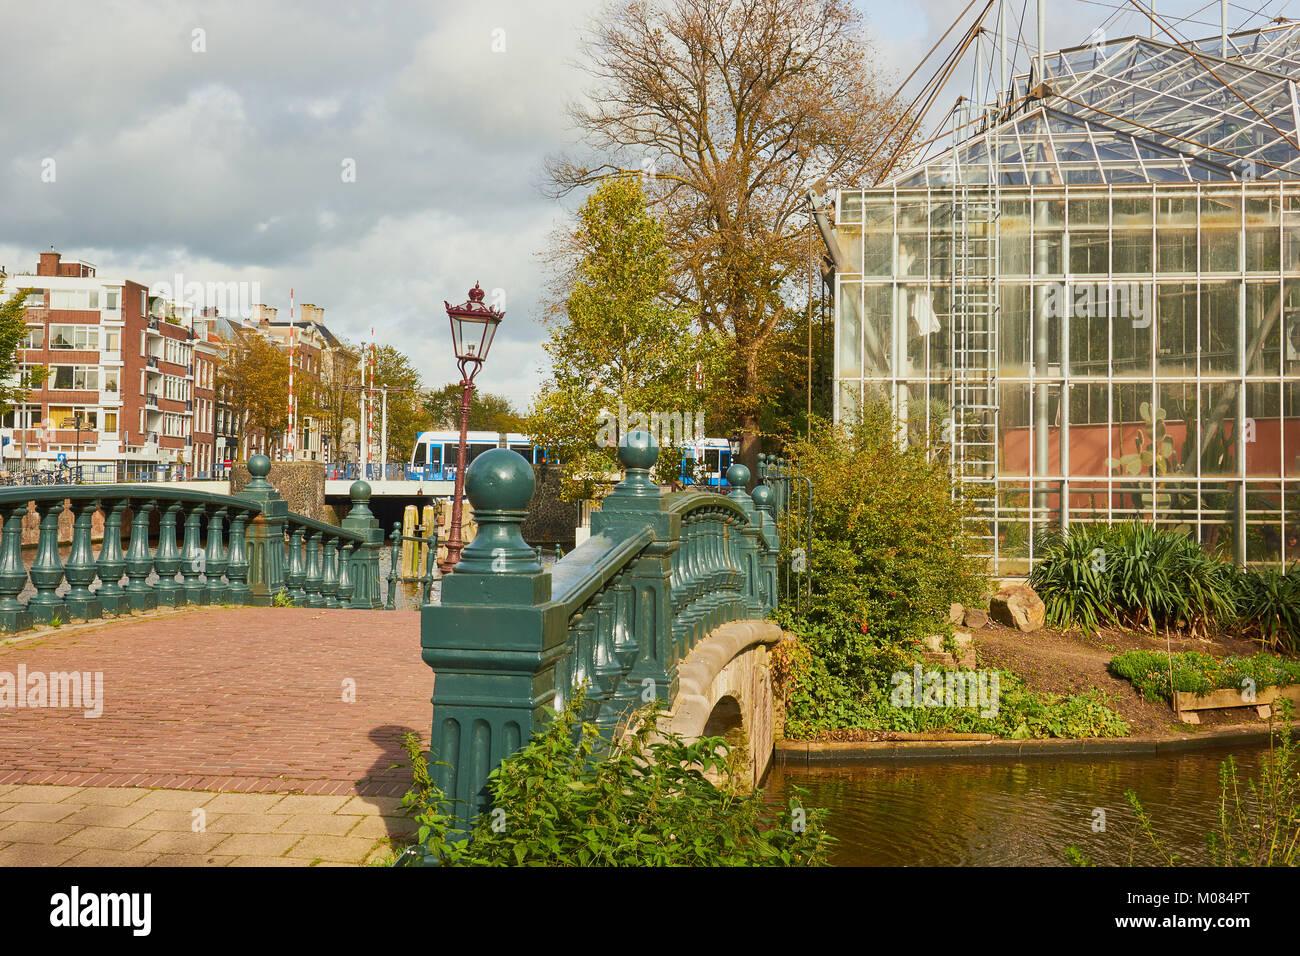 Hortus Botanicus Botanischer Garten Plantage Amsterdam